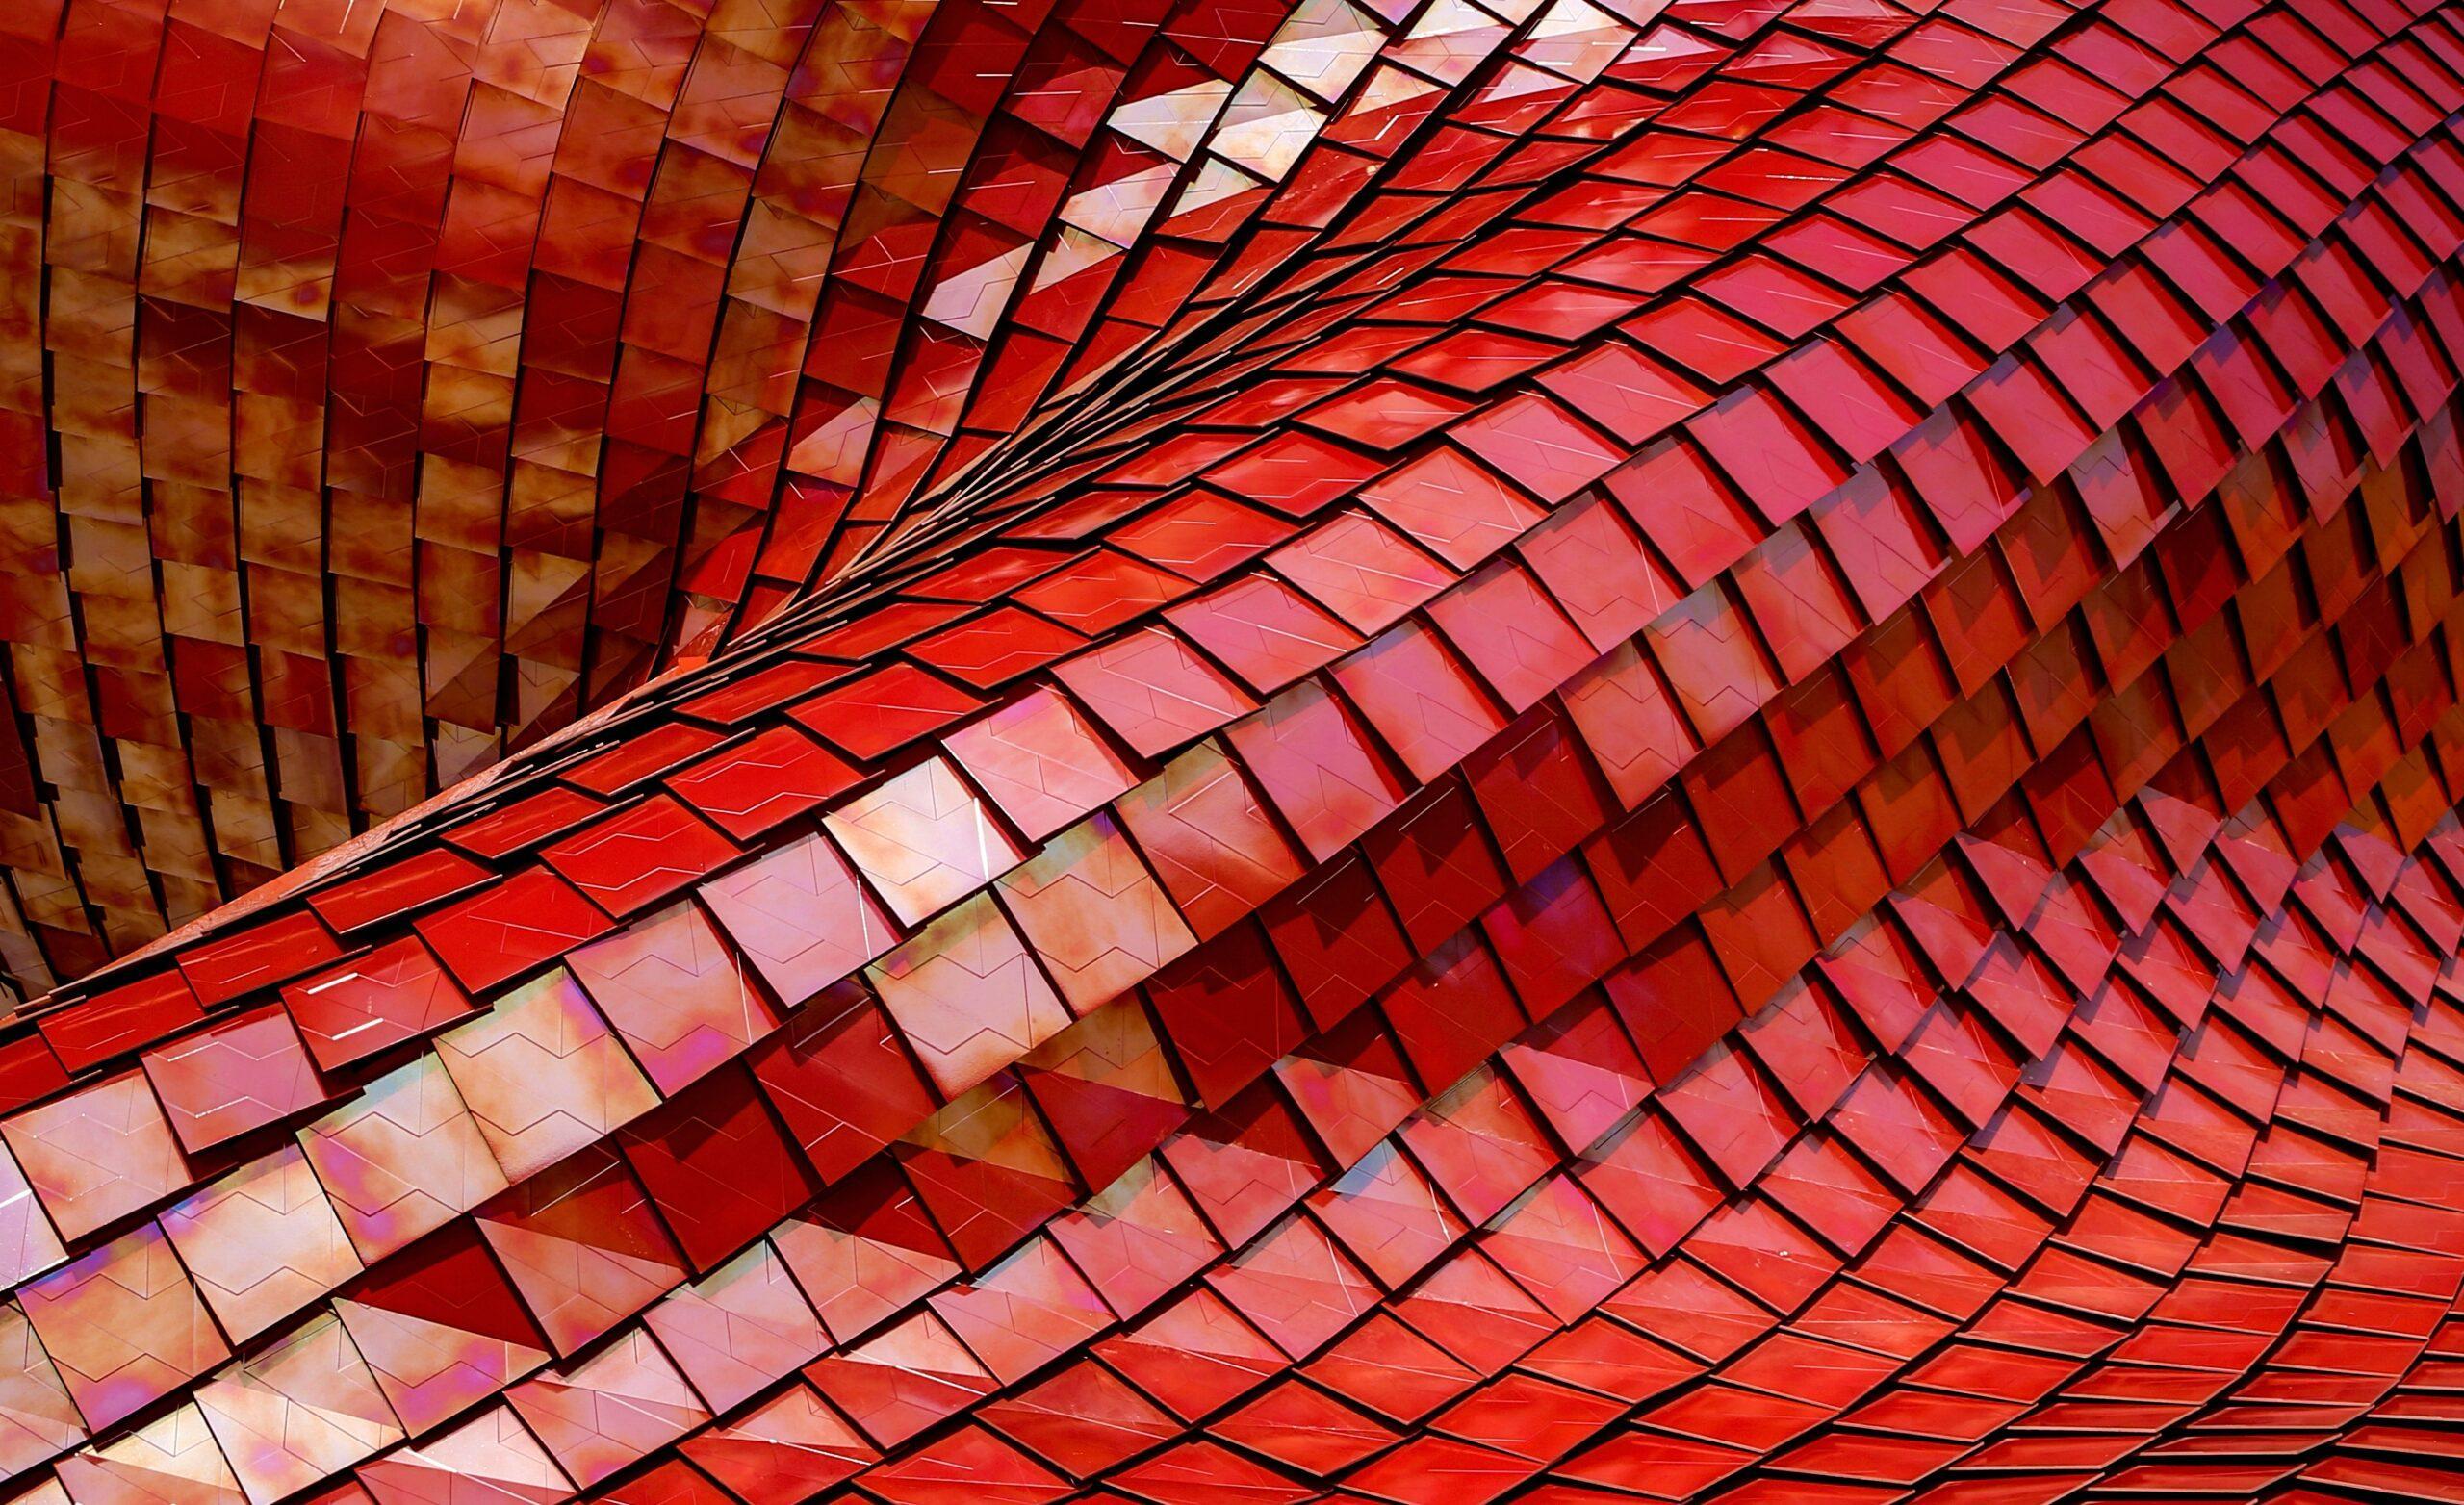 czerwone kwadratowe kafelki